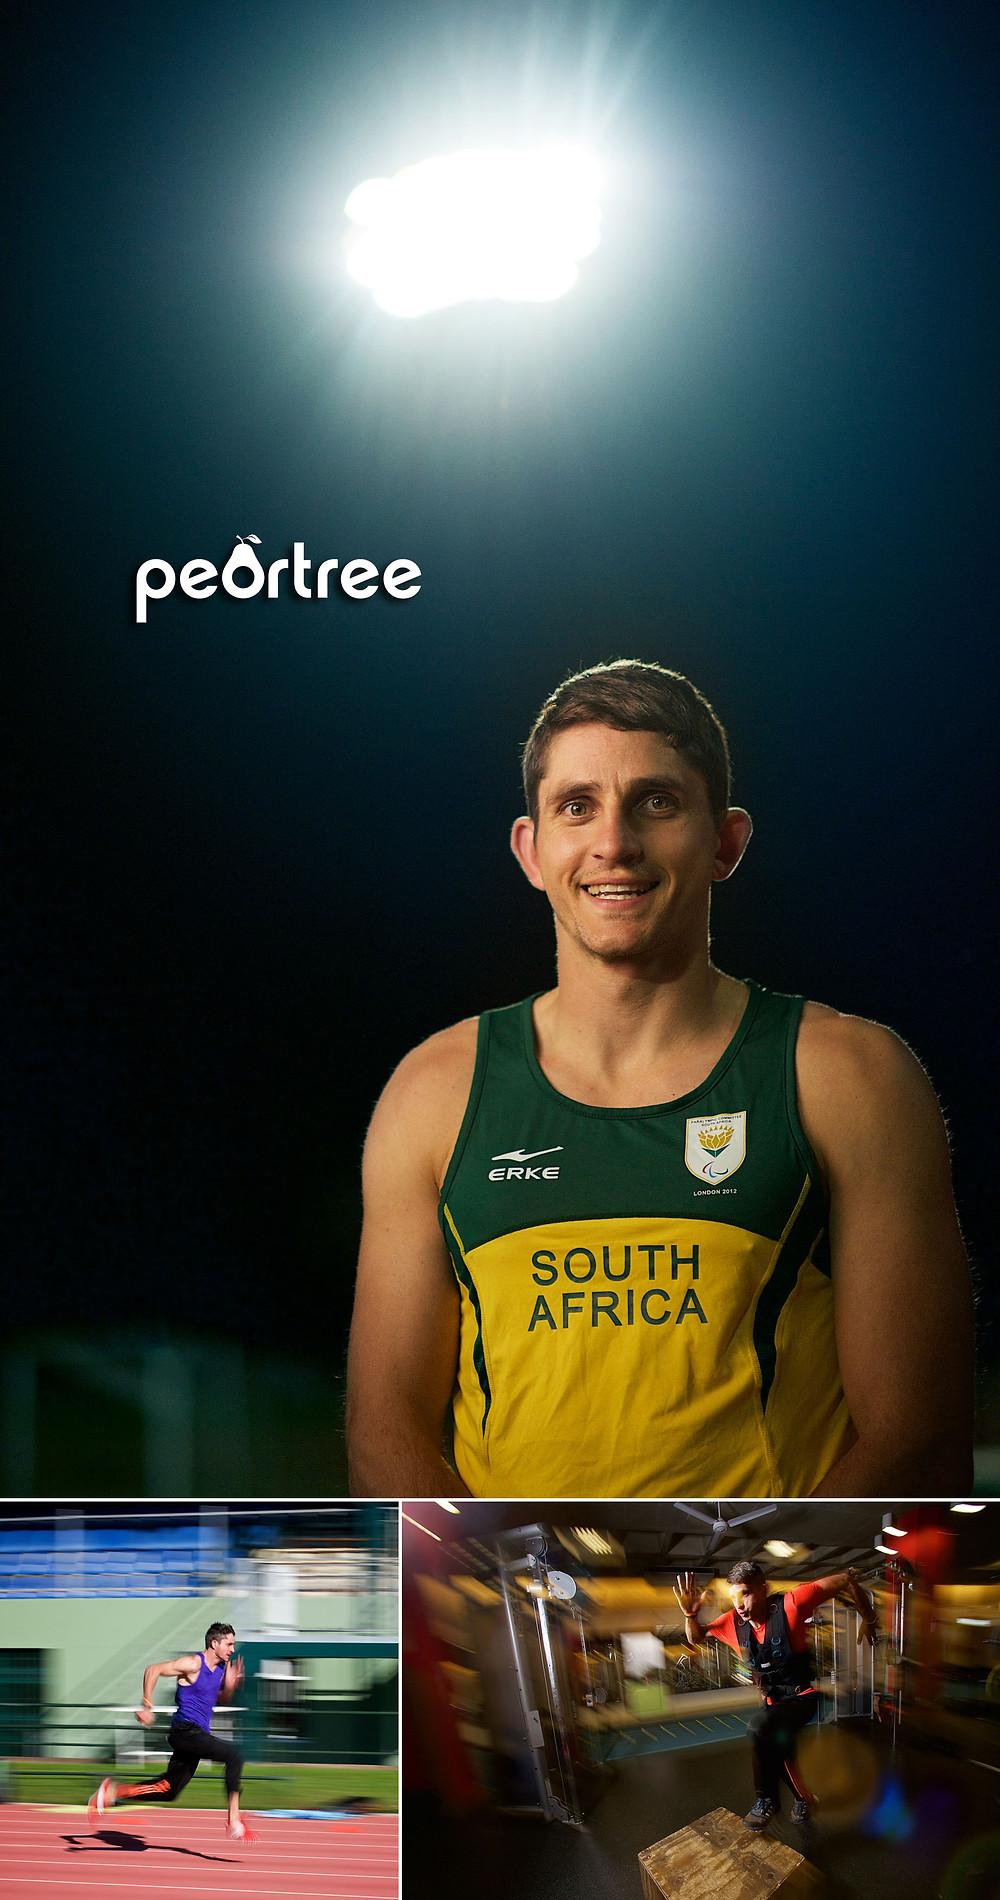 south africa Paralympian fanie van der merwe